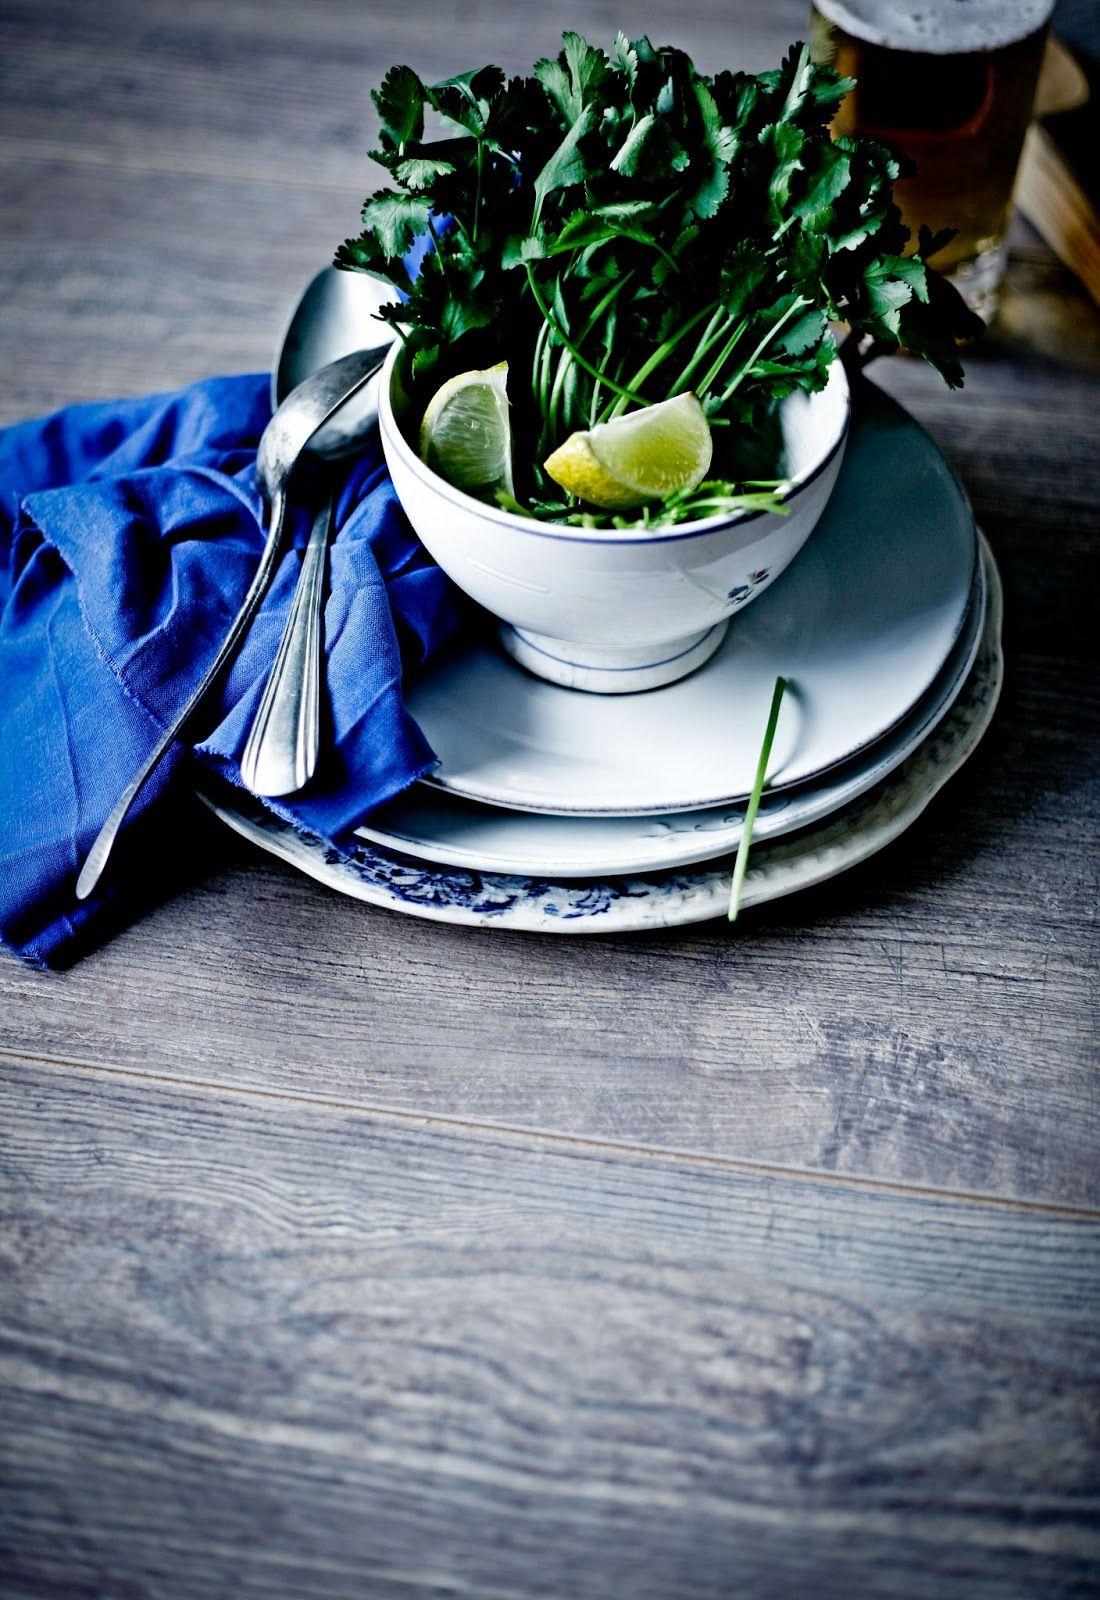 Pratos e Travessas: Caçarola de chocos e berbigão # Cuttlefish and cockles stew | Food, photography and stories